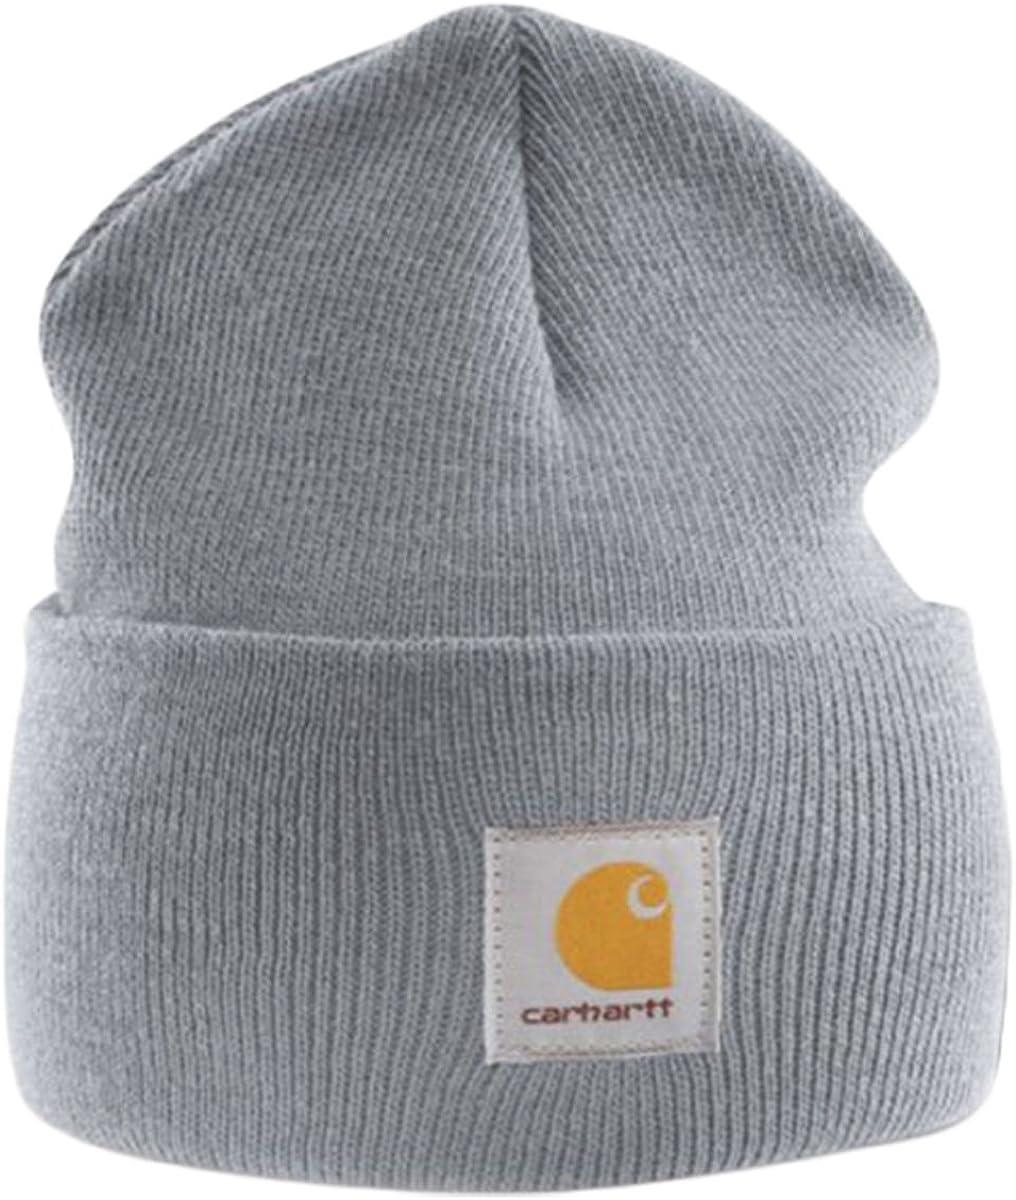 Carhartt Gorro Beanie Acrílico Gris A18HGY Sombrero: Amazon.es ...